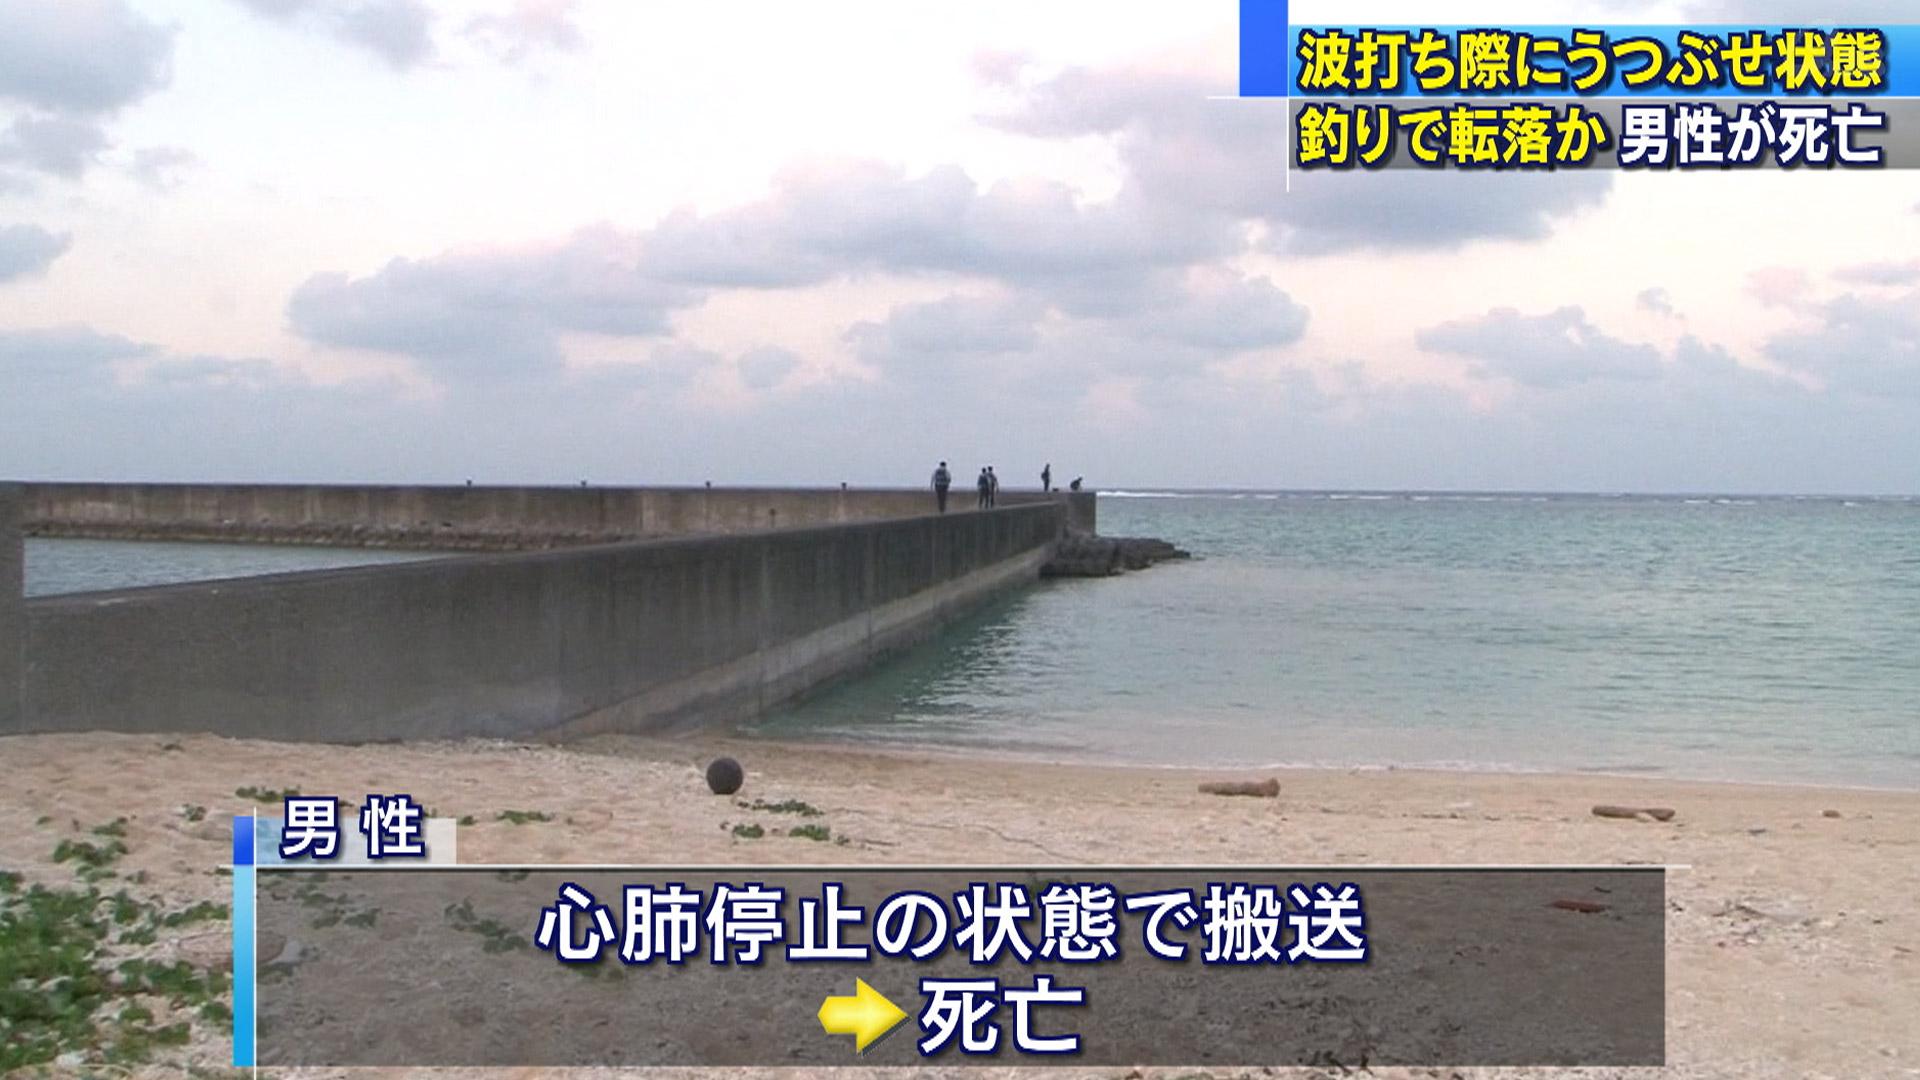 宮古島で水難事故 68歳男性死亡